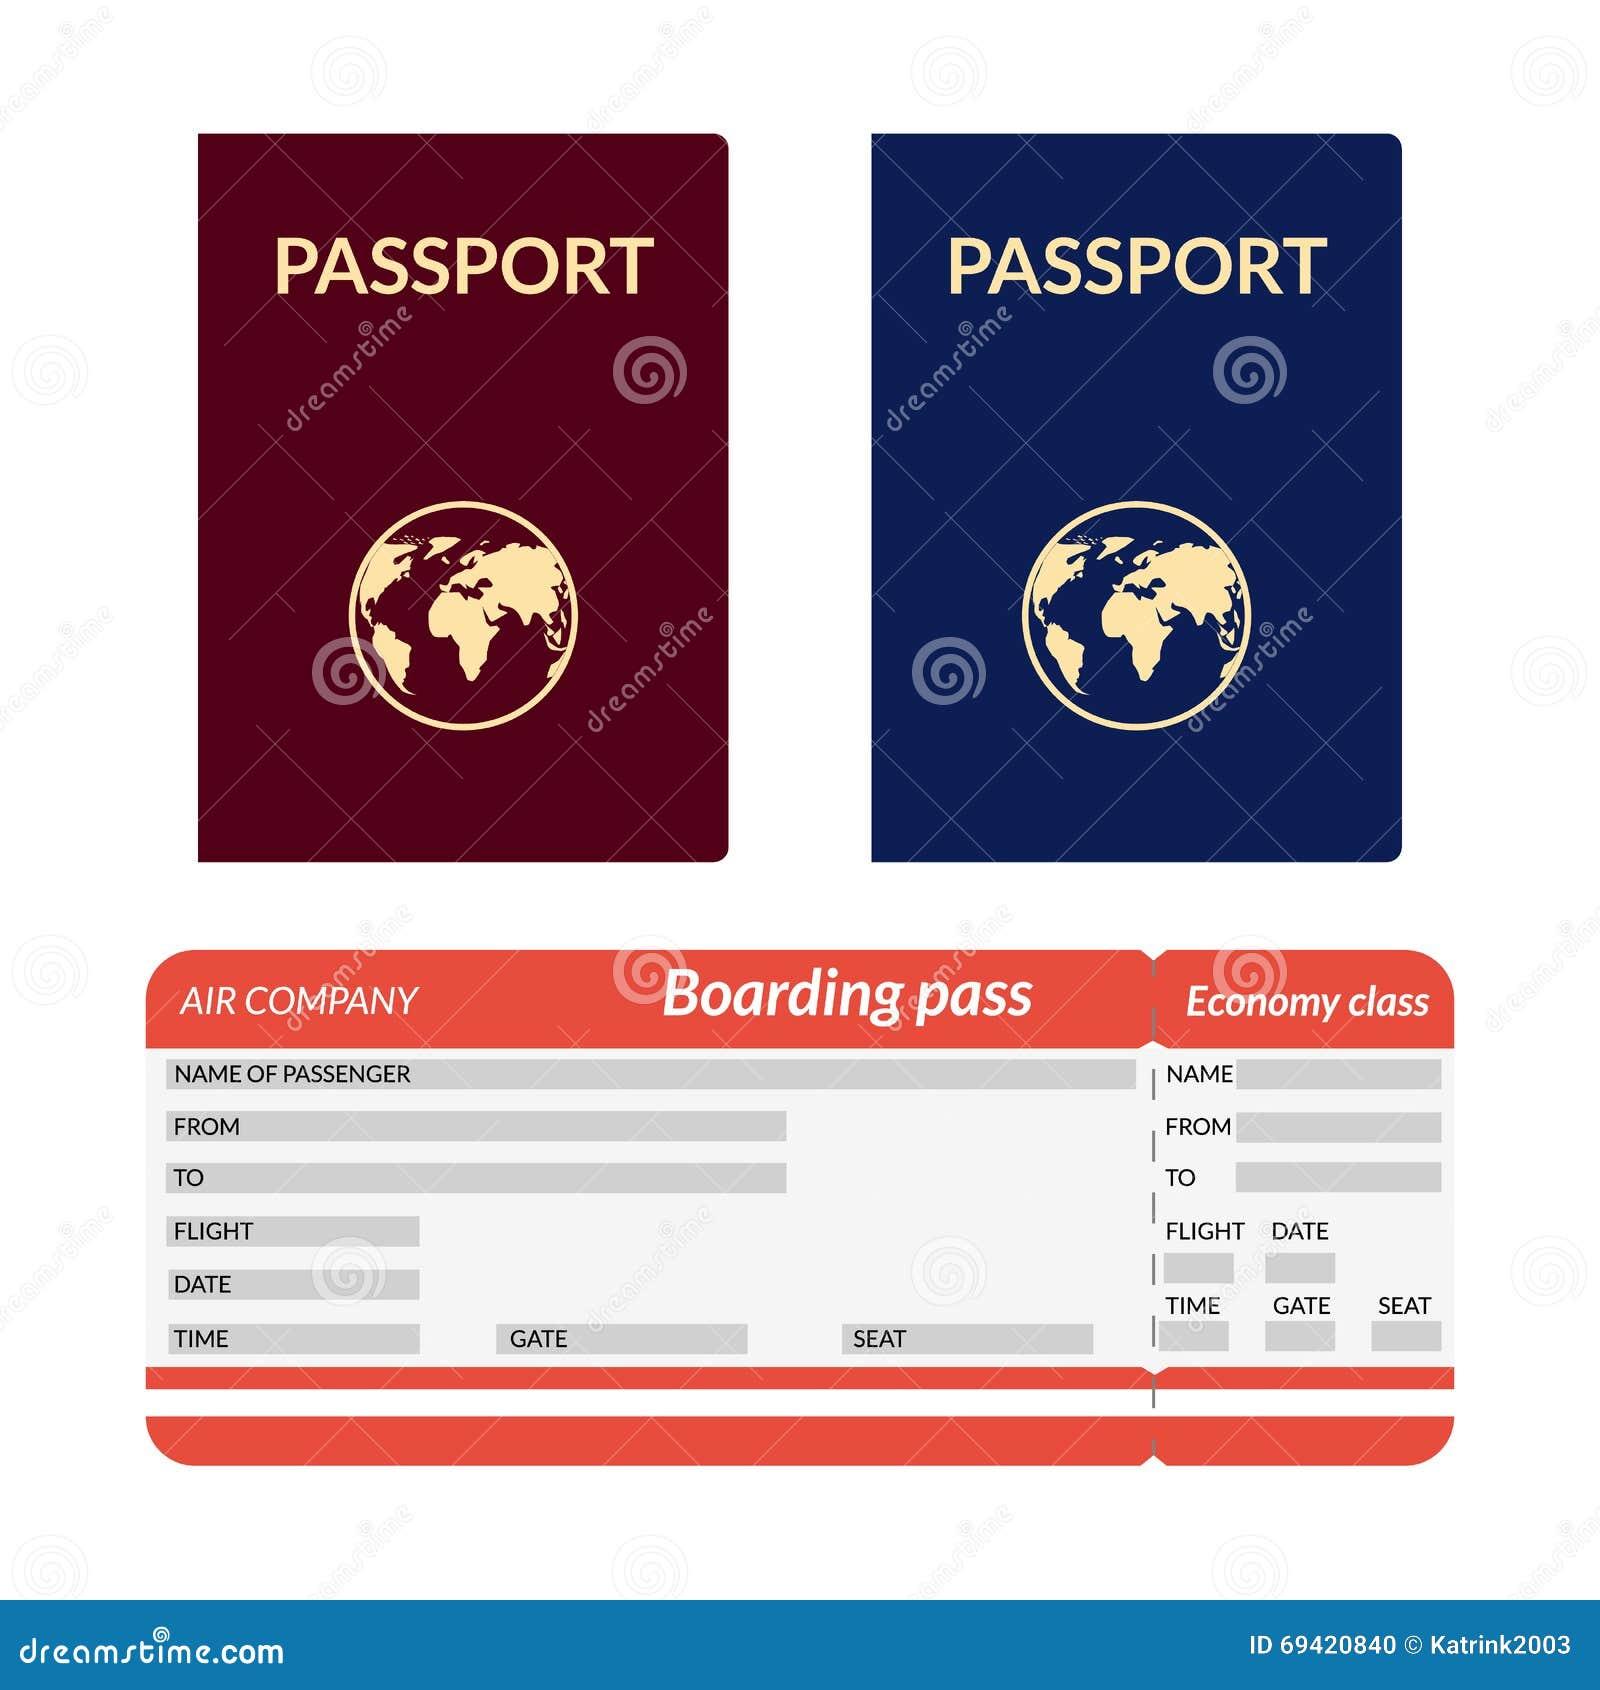 holidays around the world passport application